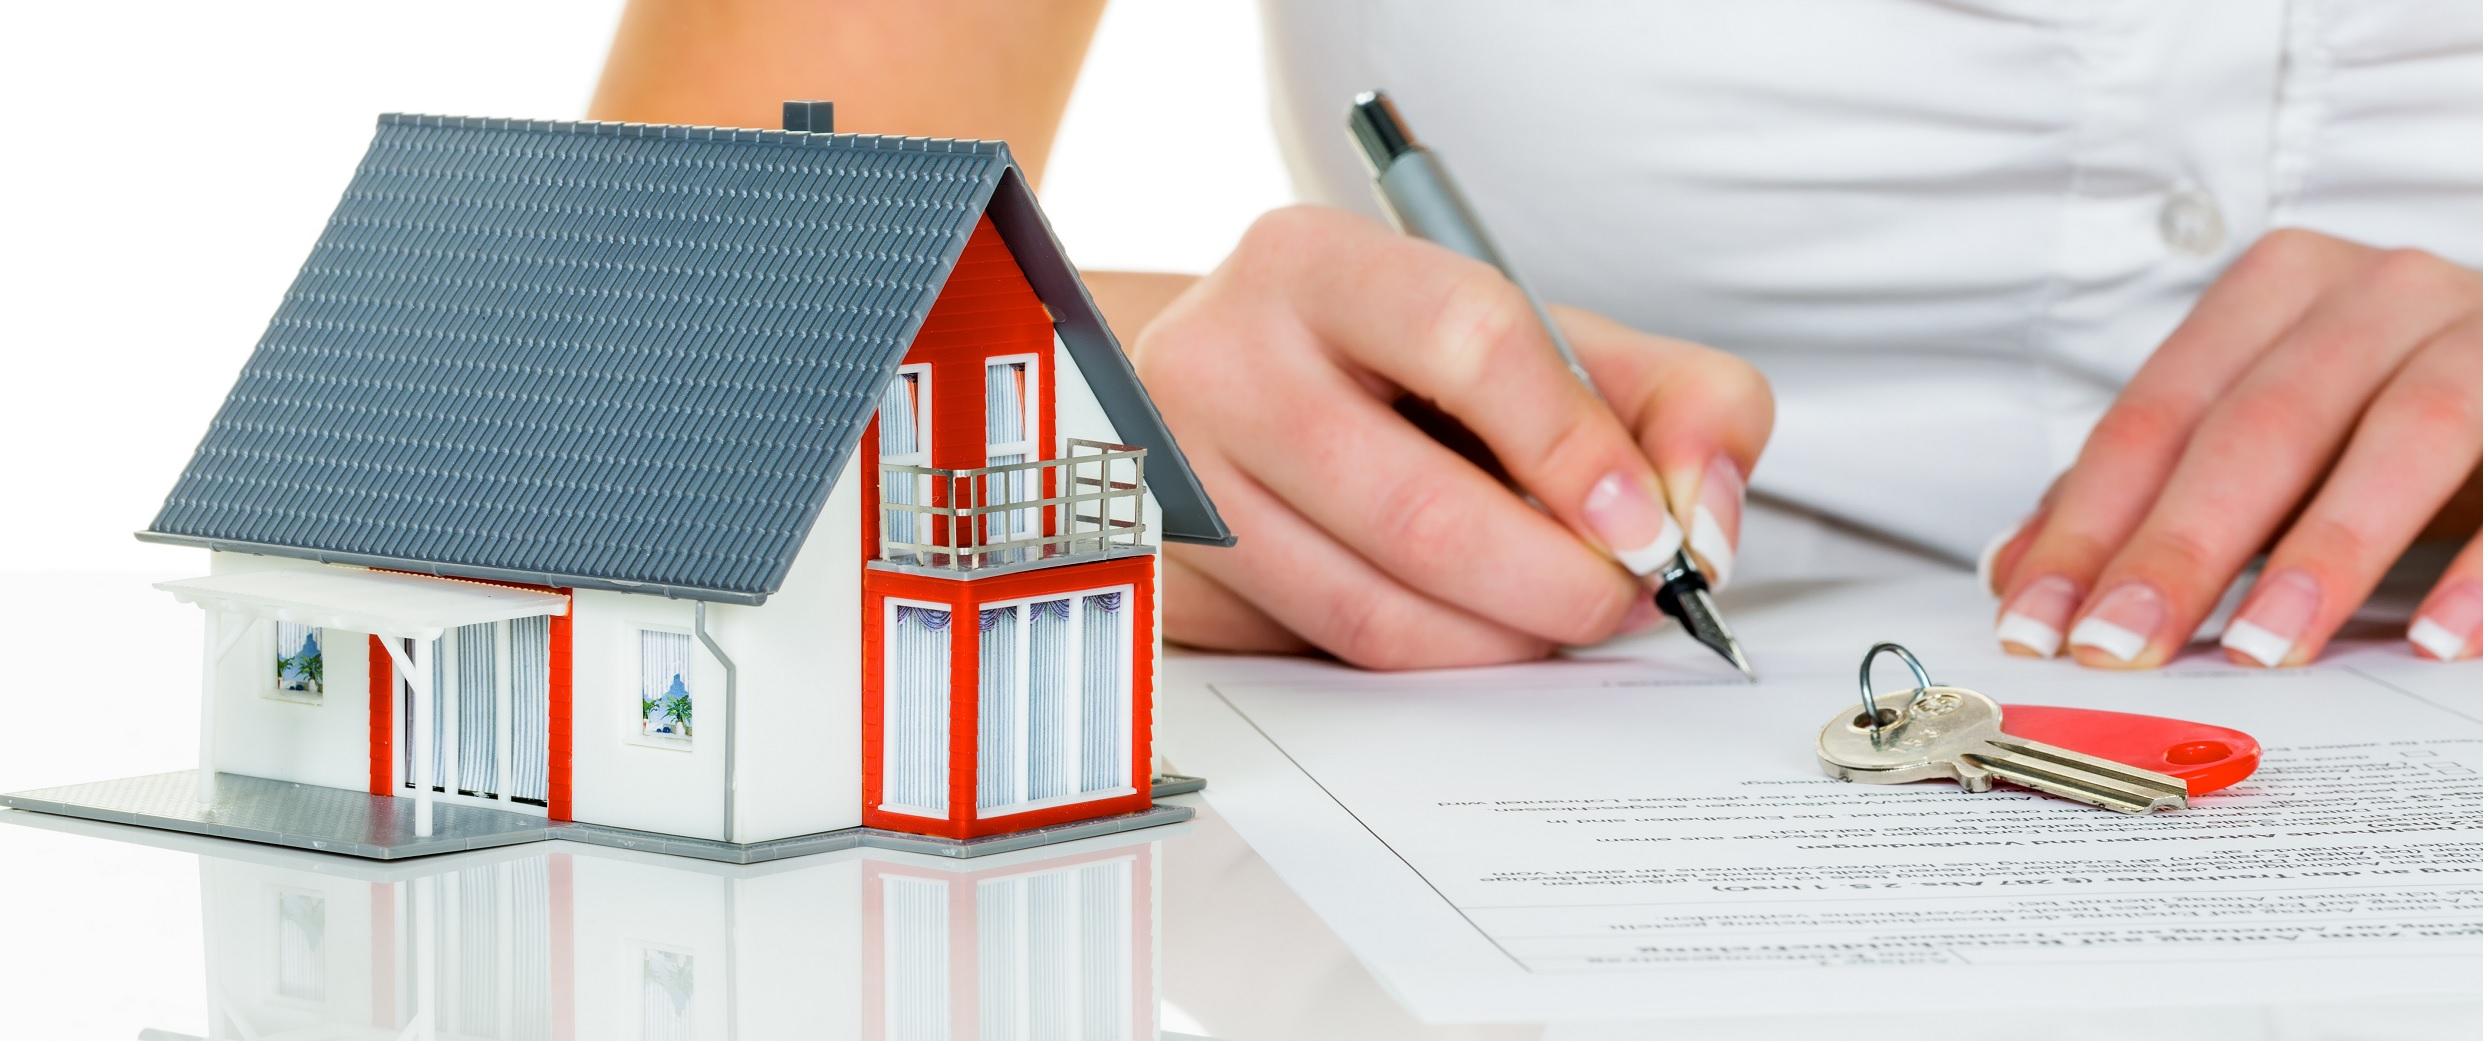 Cuáles son los gastos de una hipoteca que debes tener en cuenta?